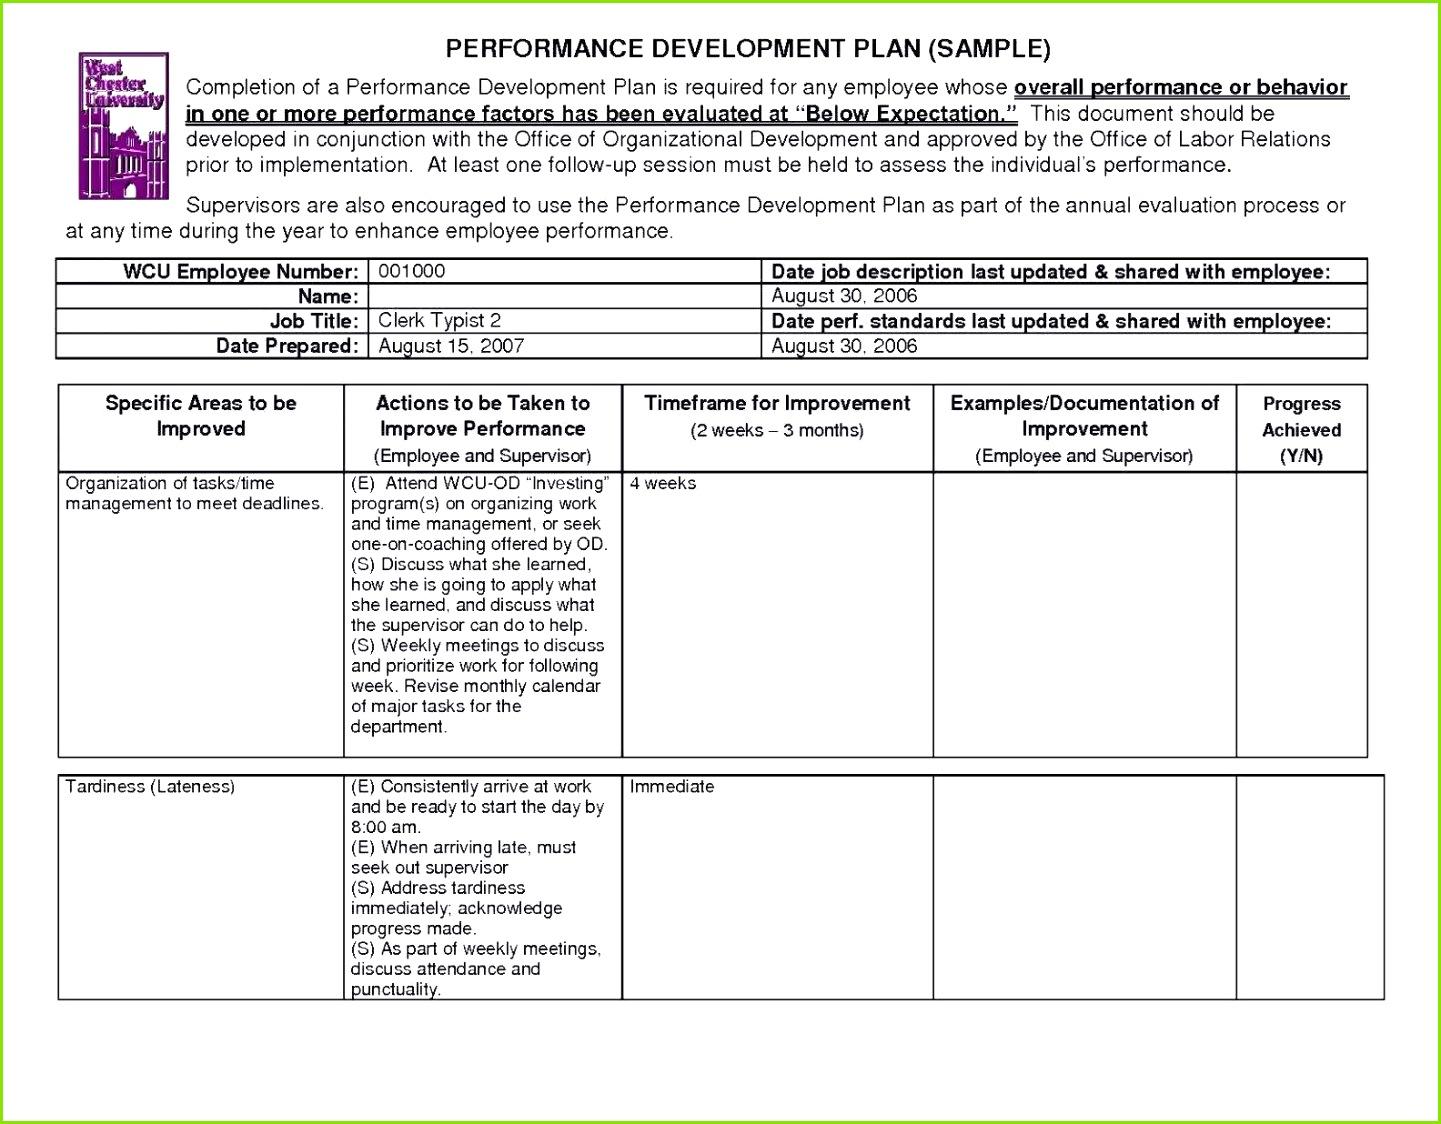 Ungewohnlich Es Projekt Bud vorlage Zeitgenossisch Entry Level Quality Control Plan Template